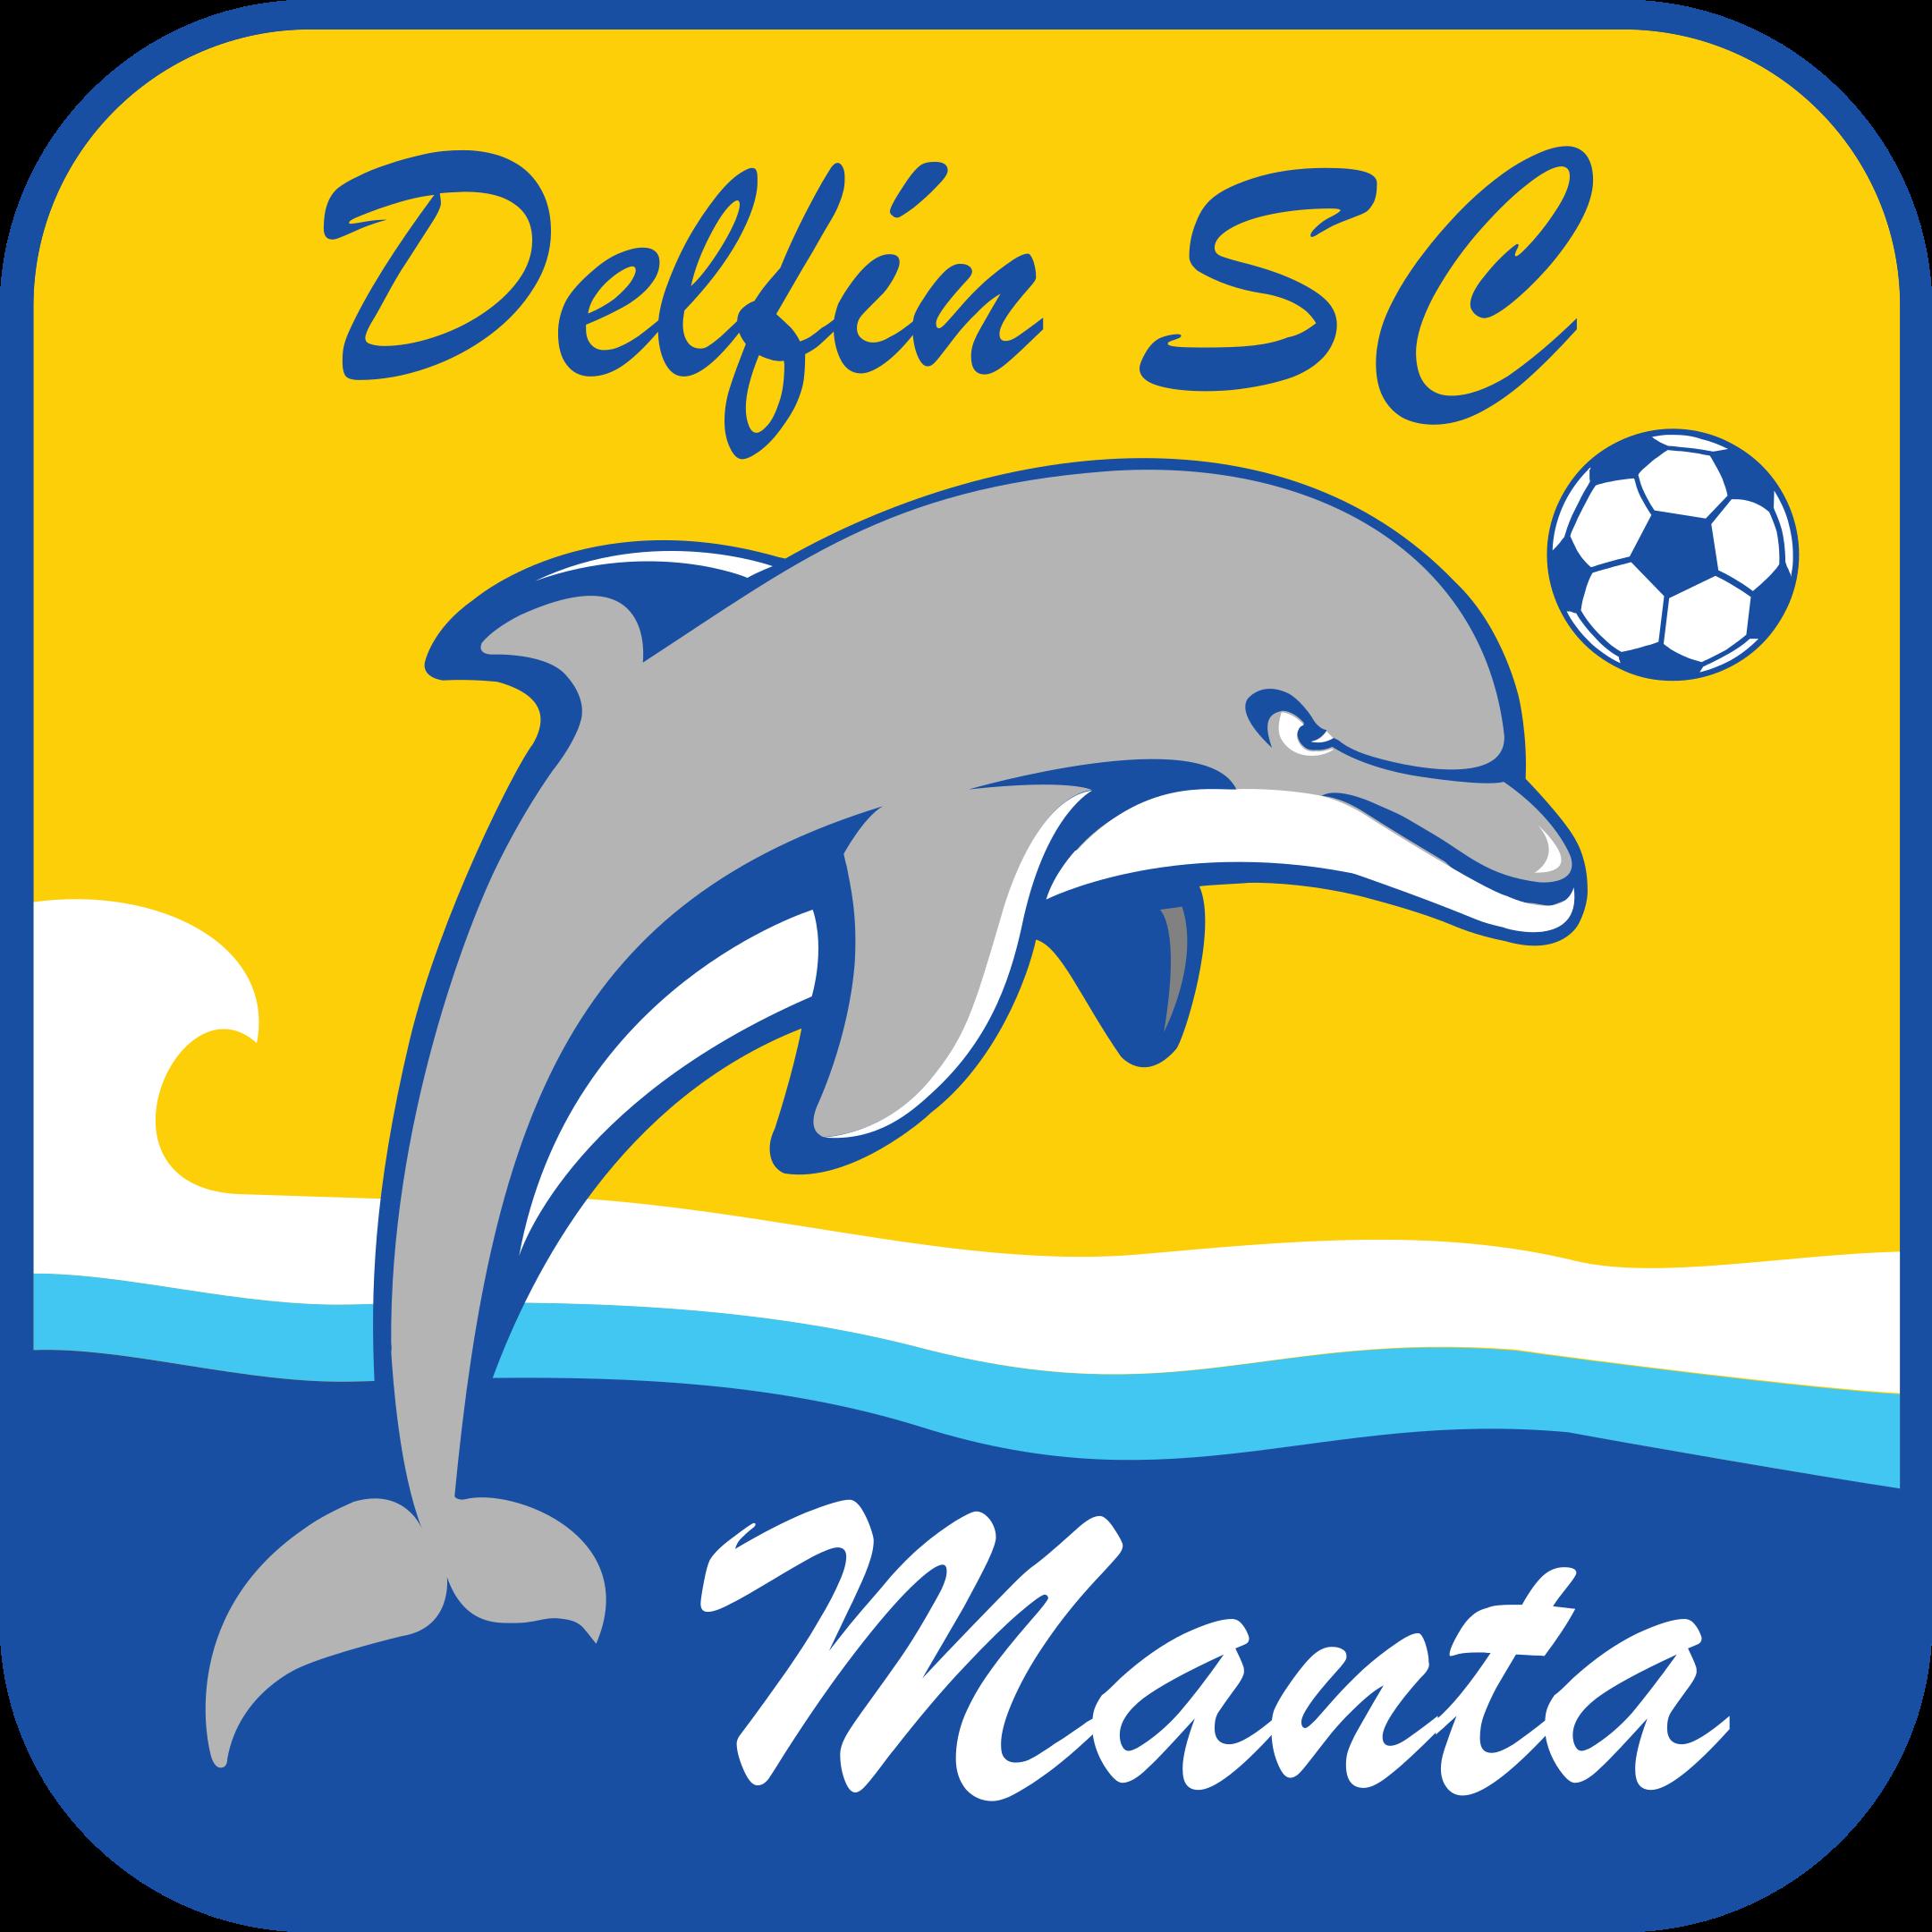 delfin sporting club logo 1 - Delfin SC Logo – Escudo